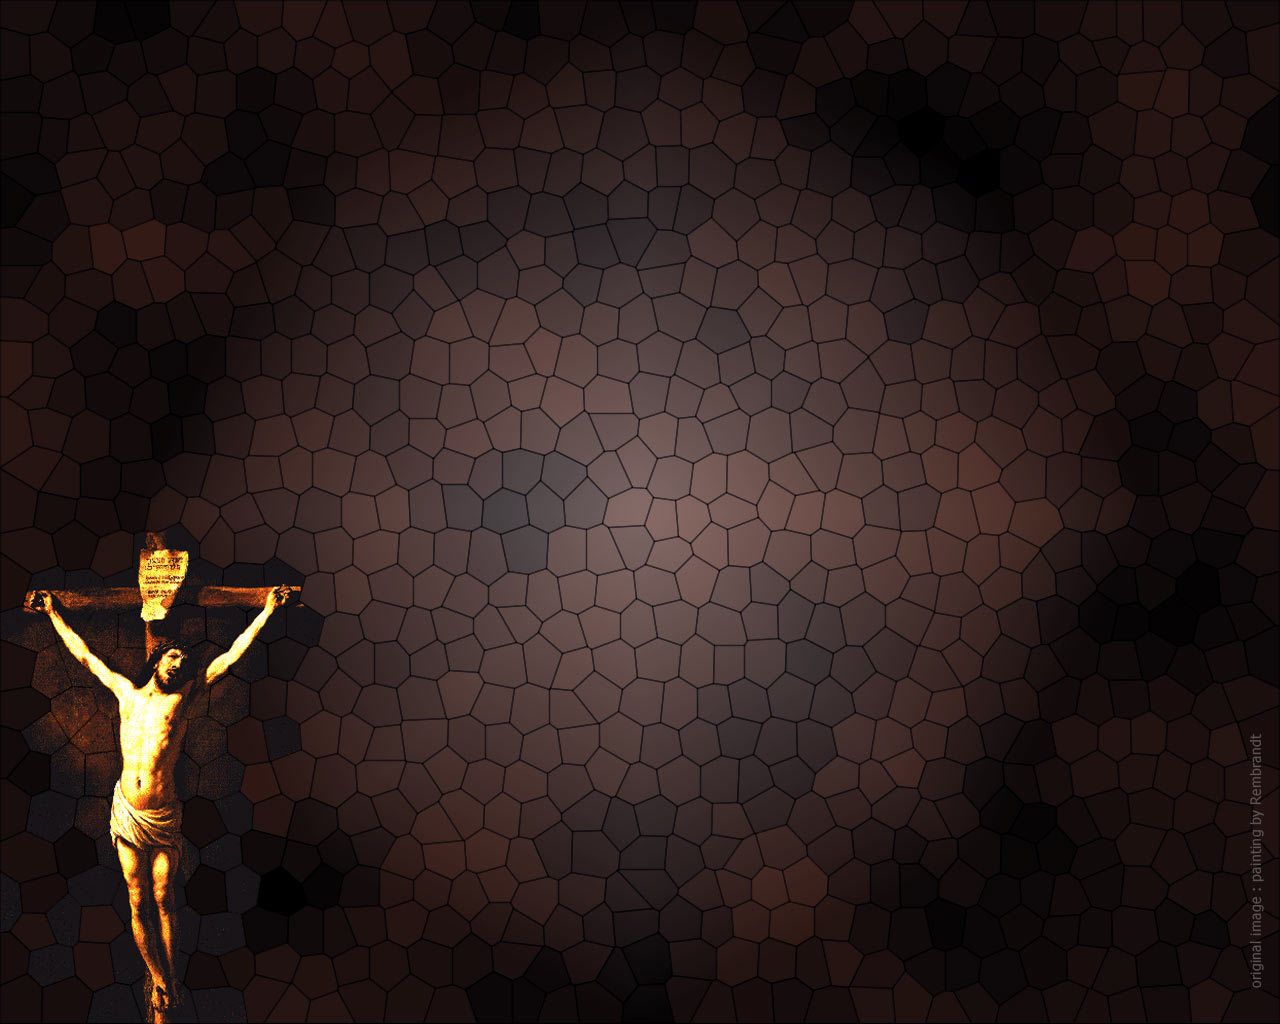 http://2.bp.blogspot.com/_njKPjCEOAnQ/TT0_PvScCWI/AAAAAAAACQg/9V0tfFT6stY/s1600/crucifixion-wallpapers-1510.jpg